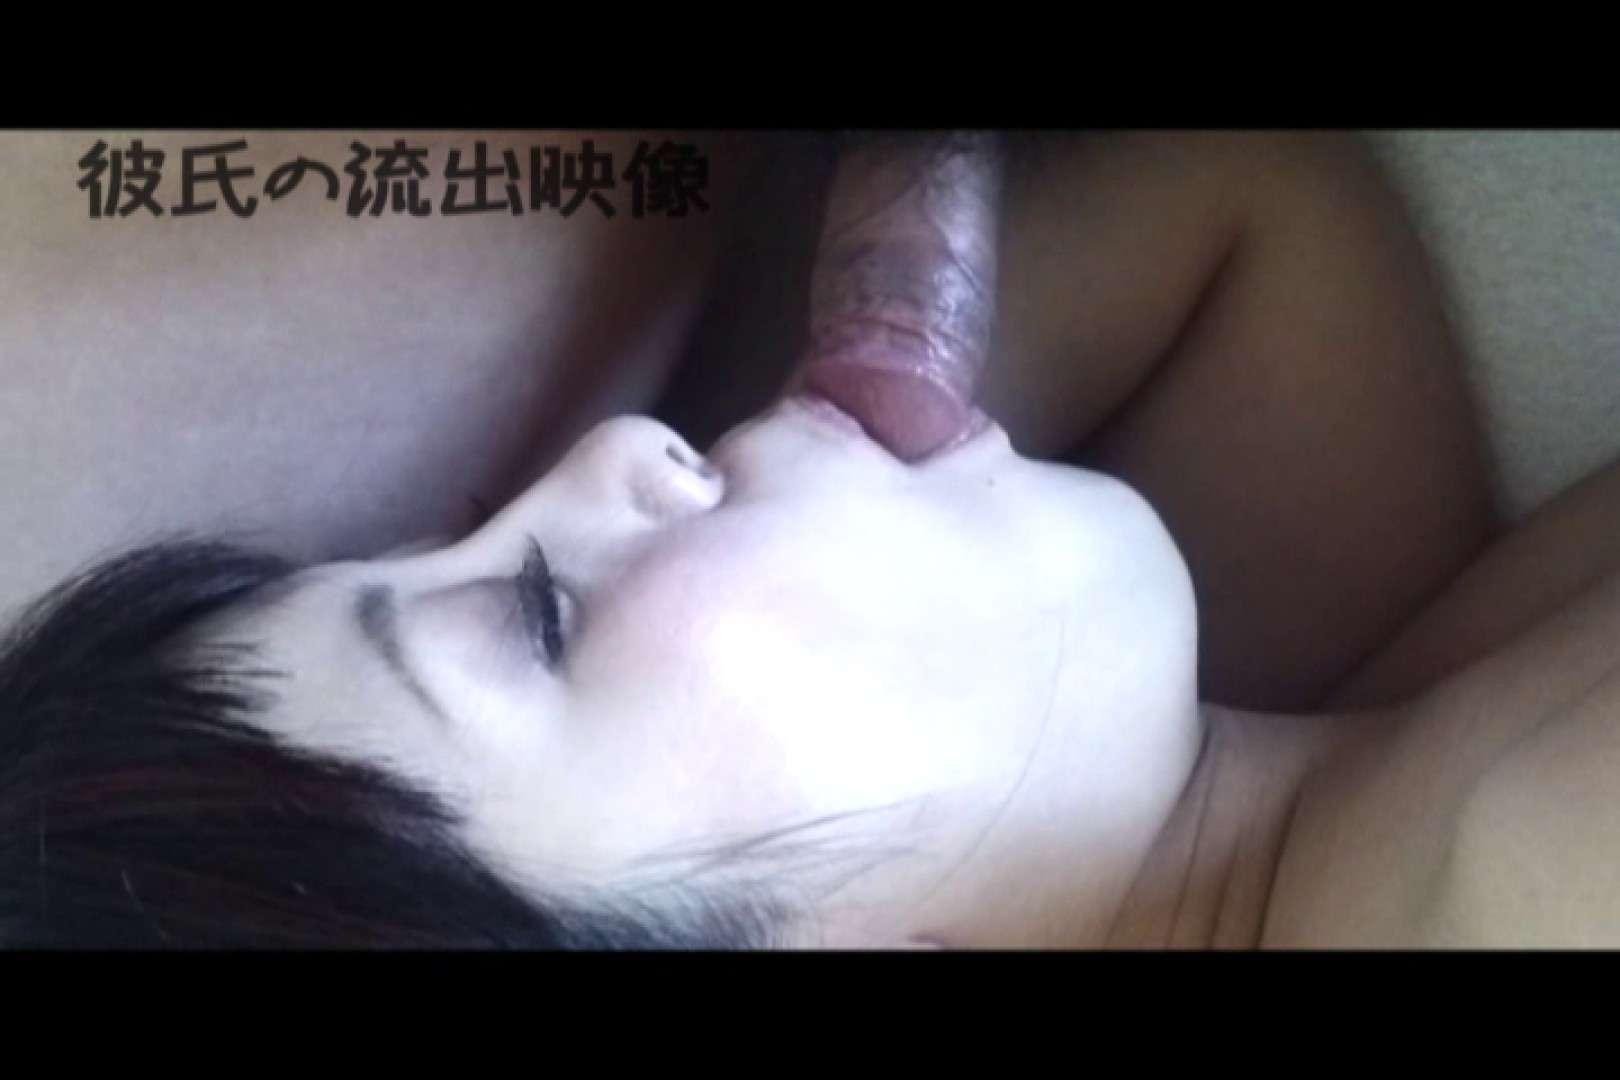 彼氏が流出 パイパン素人嬢のハメ撮り映像03 カップル | 可愛いパイパン  92pic 86